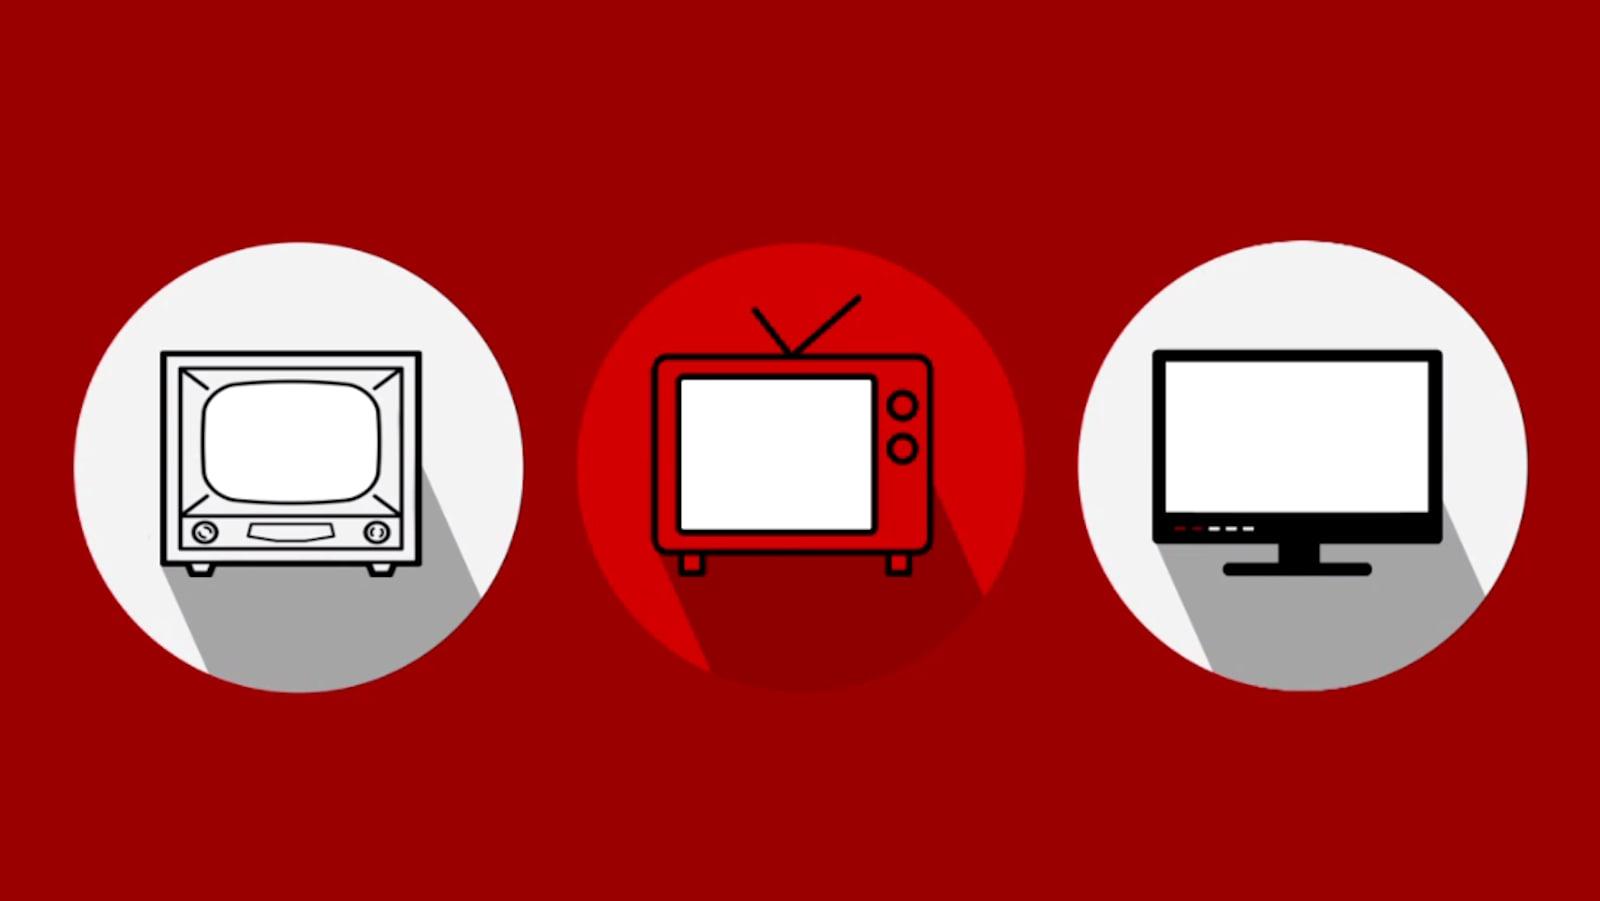 Infographie représentant trois télévisions